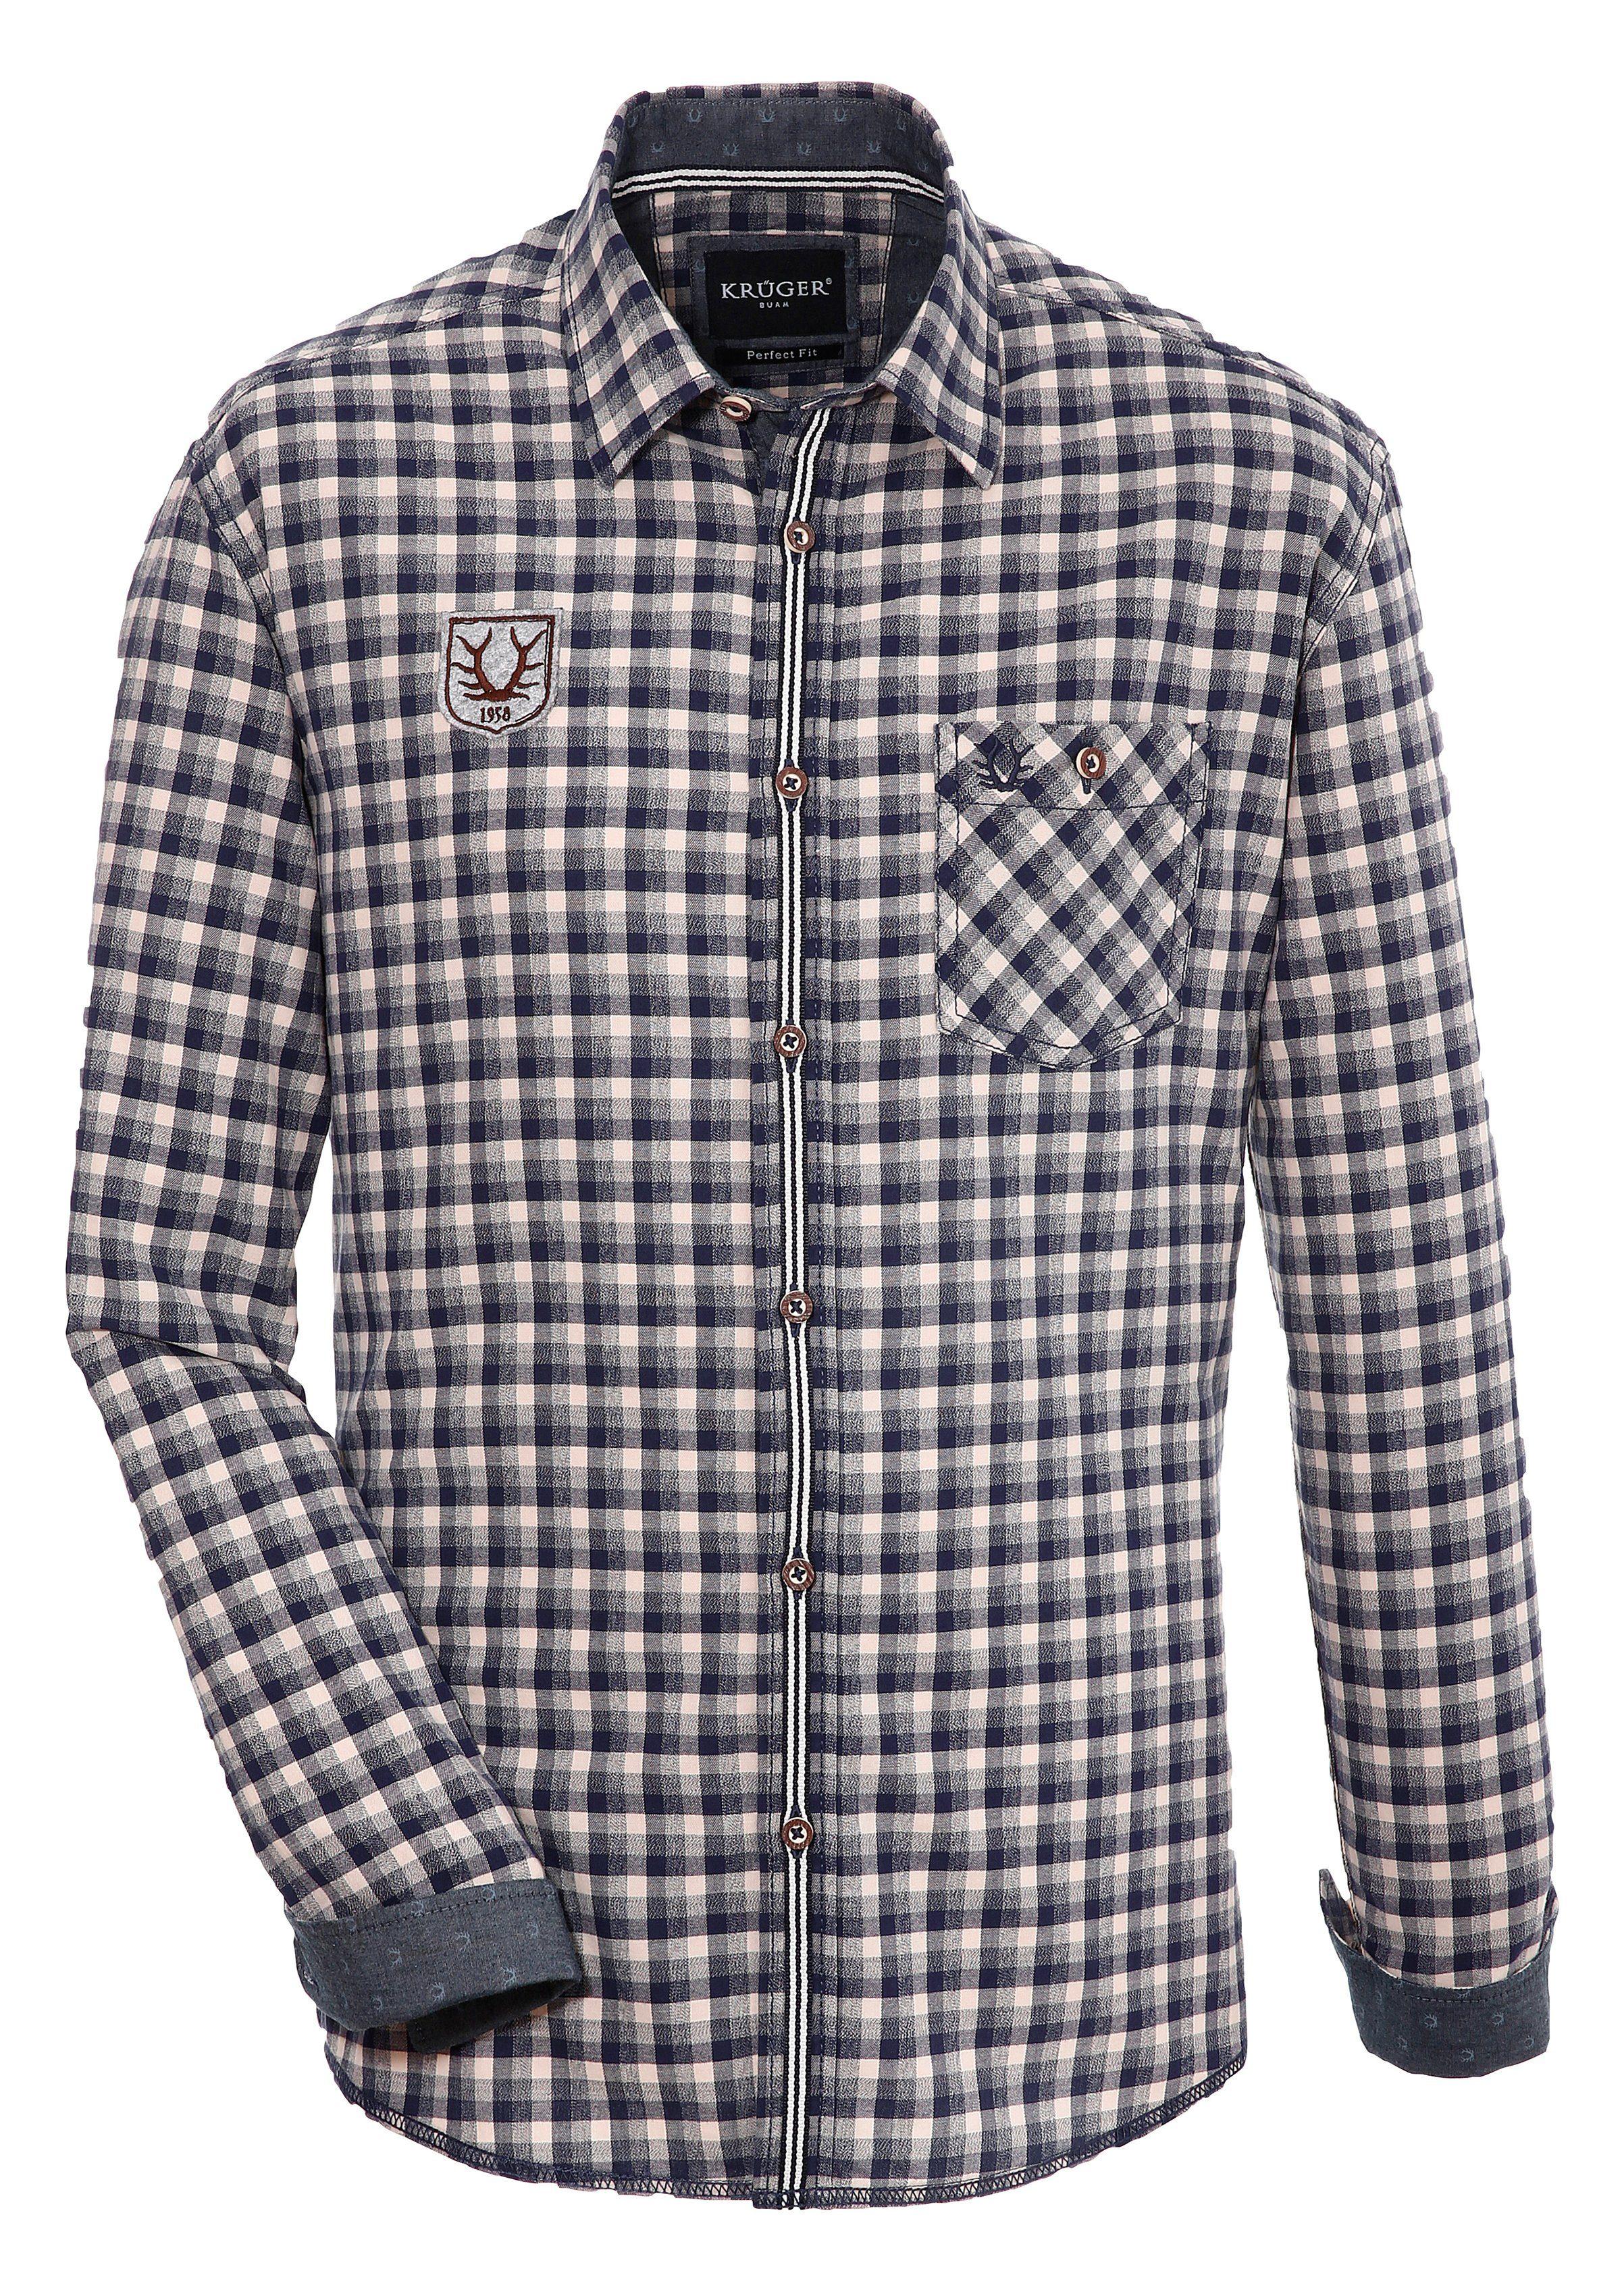 Krüger Buam Trachtenhemd mit Kontrastborten | Bekleidung > Hemden > Trachtenhemden | Blau | Krüger Buam